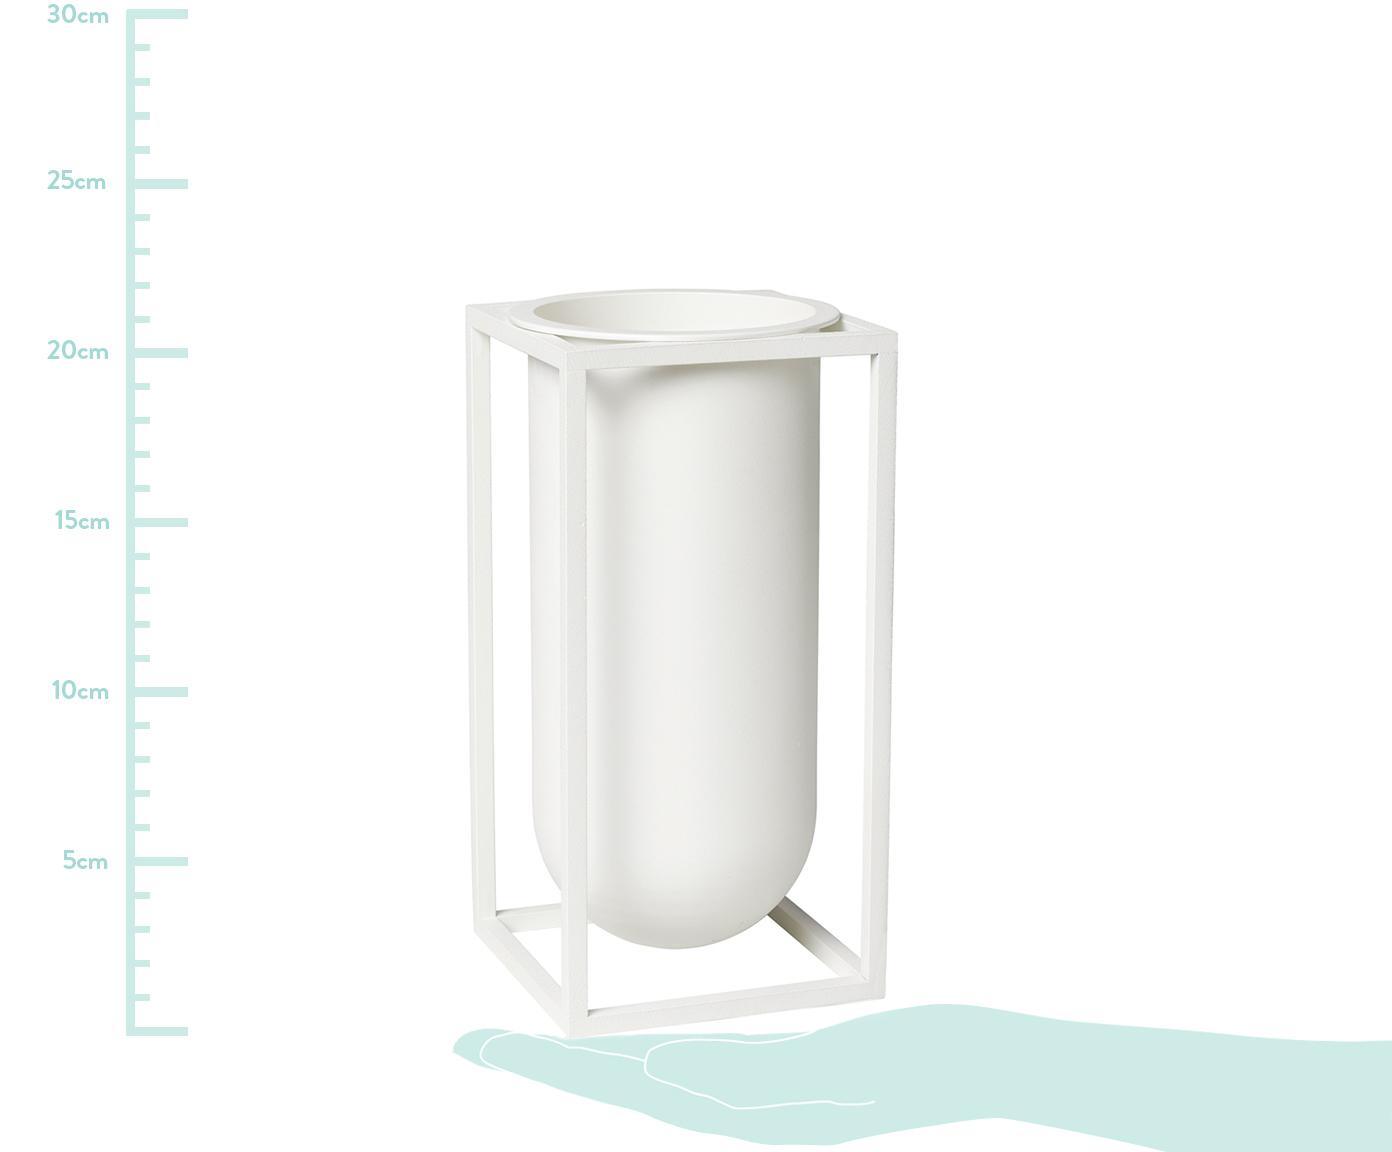 Handgefertigte Vase Kubus aus Aluminium, Aluminium, lackiert, Weiß, 10 x 20 cm